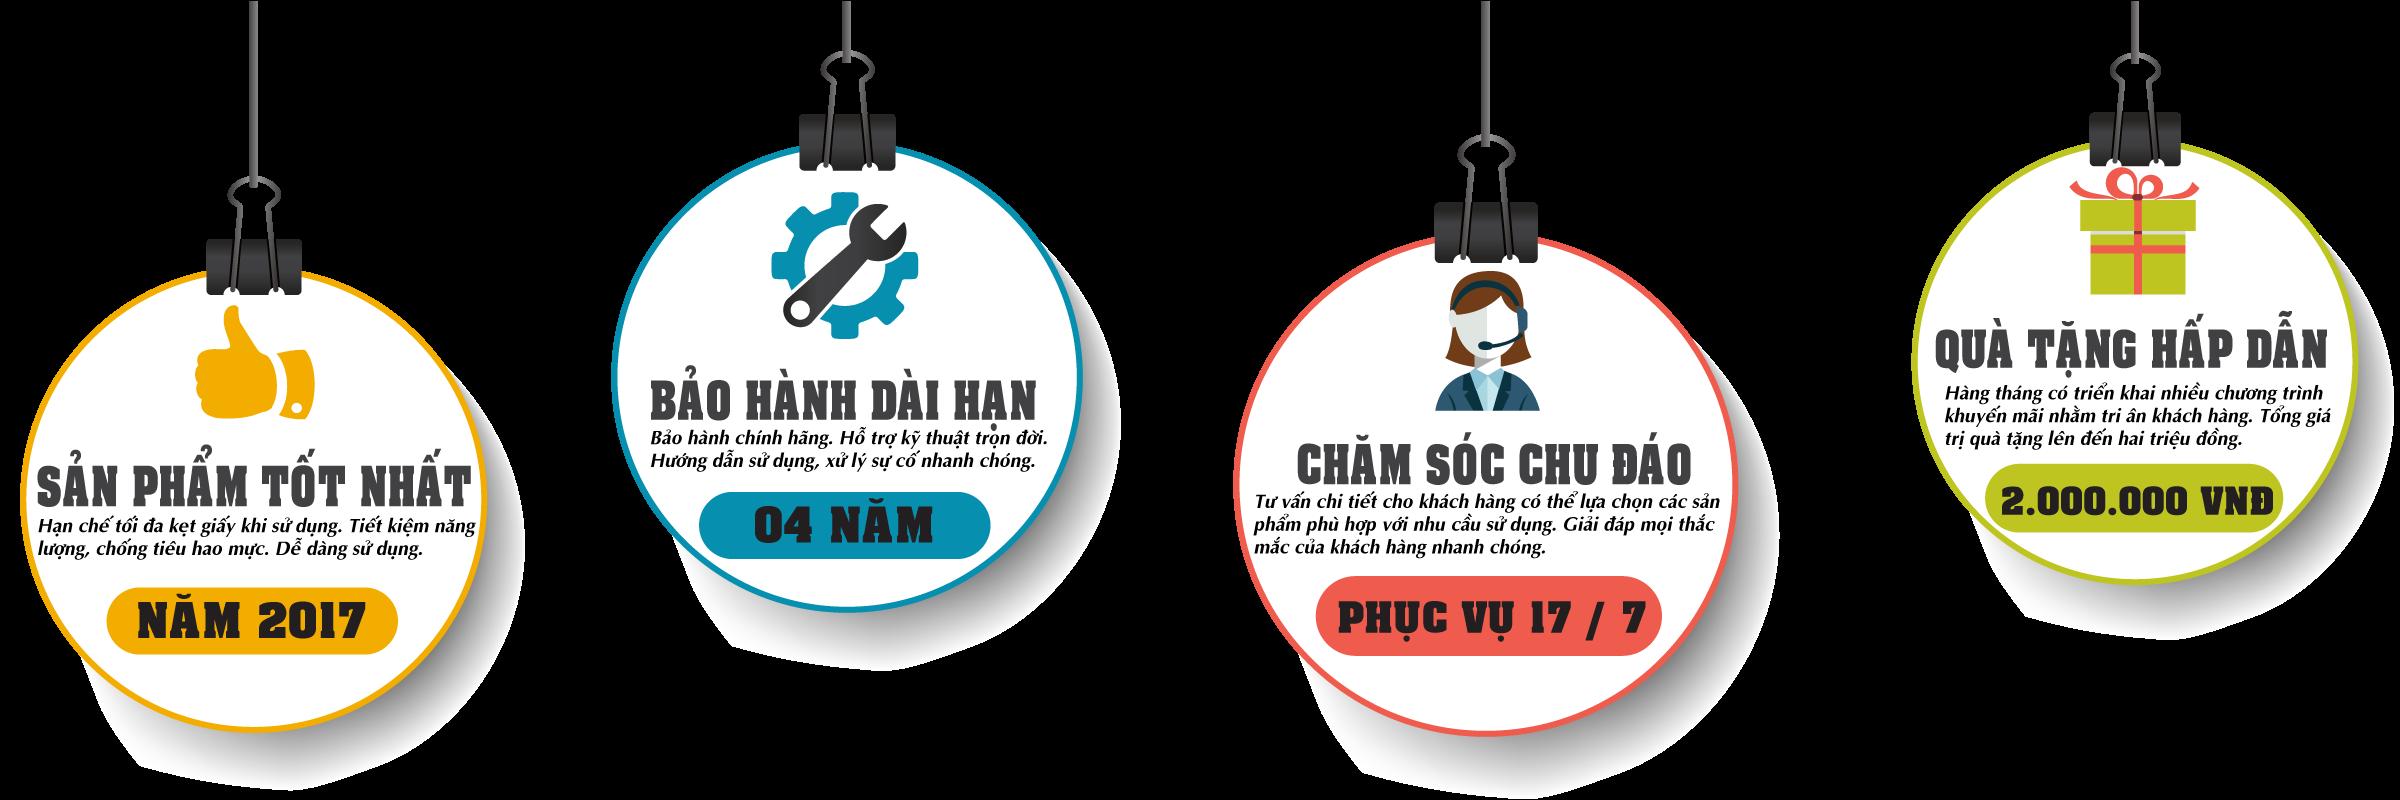 ban may photocopy thien phuc